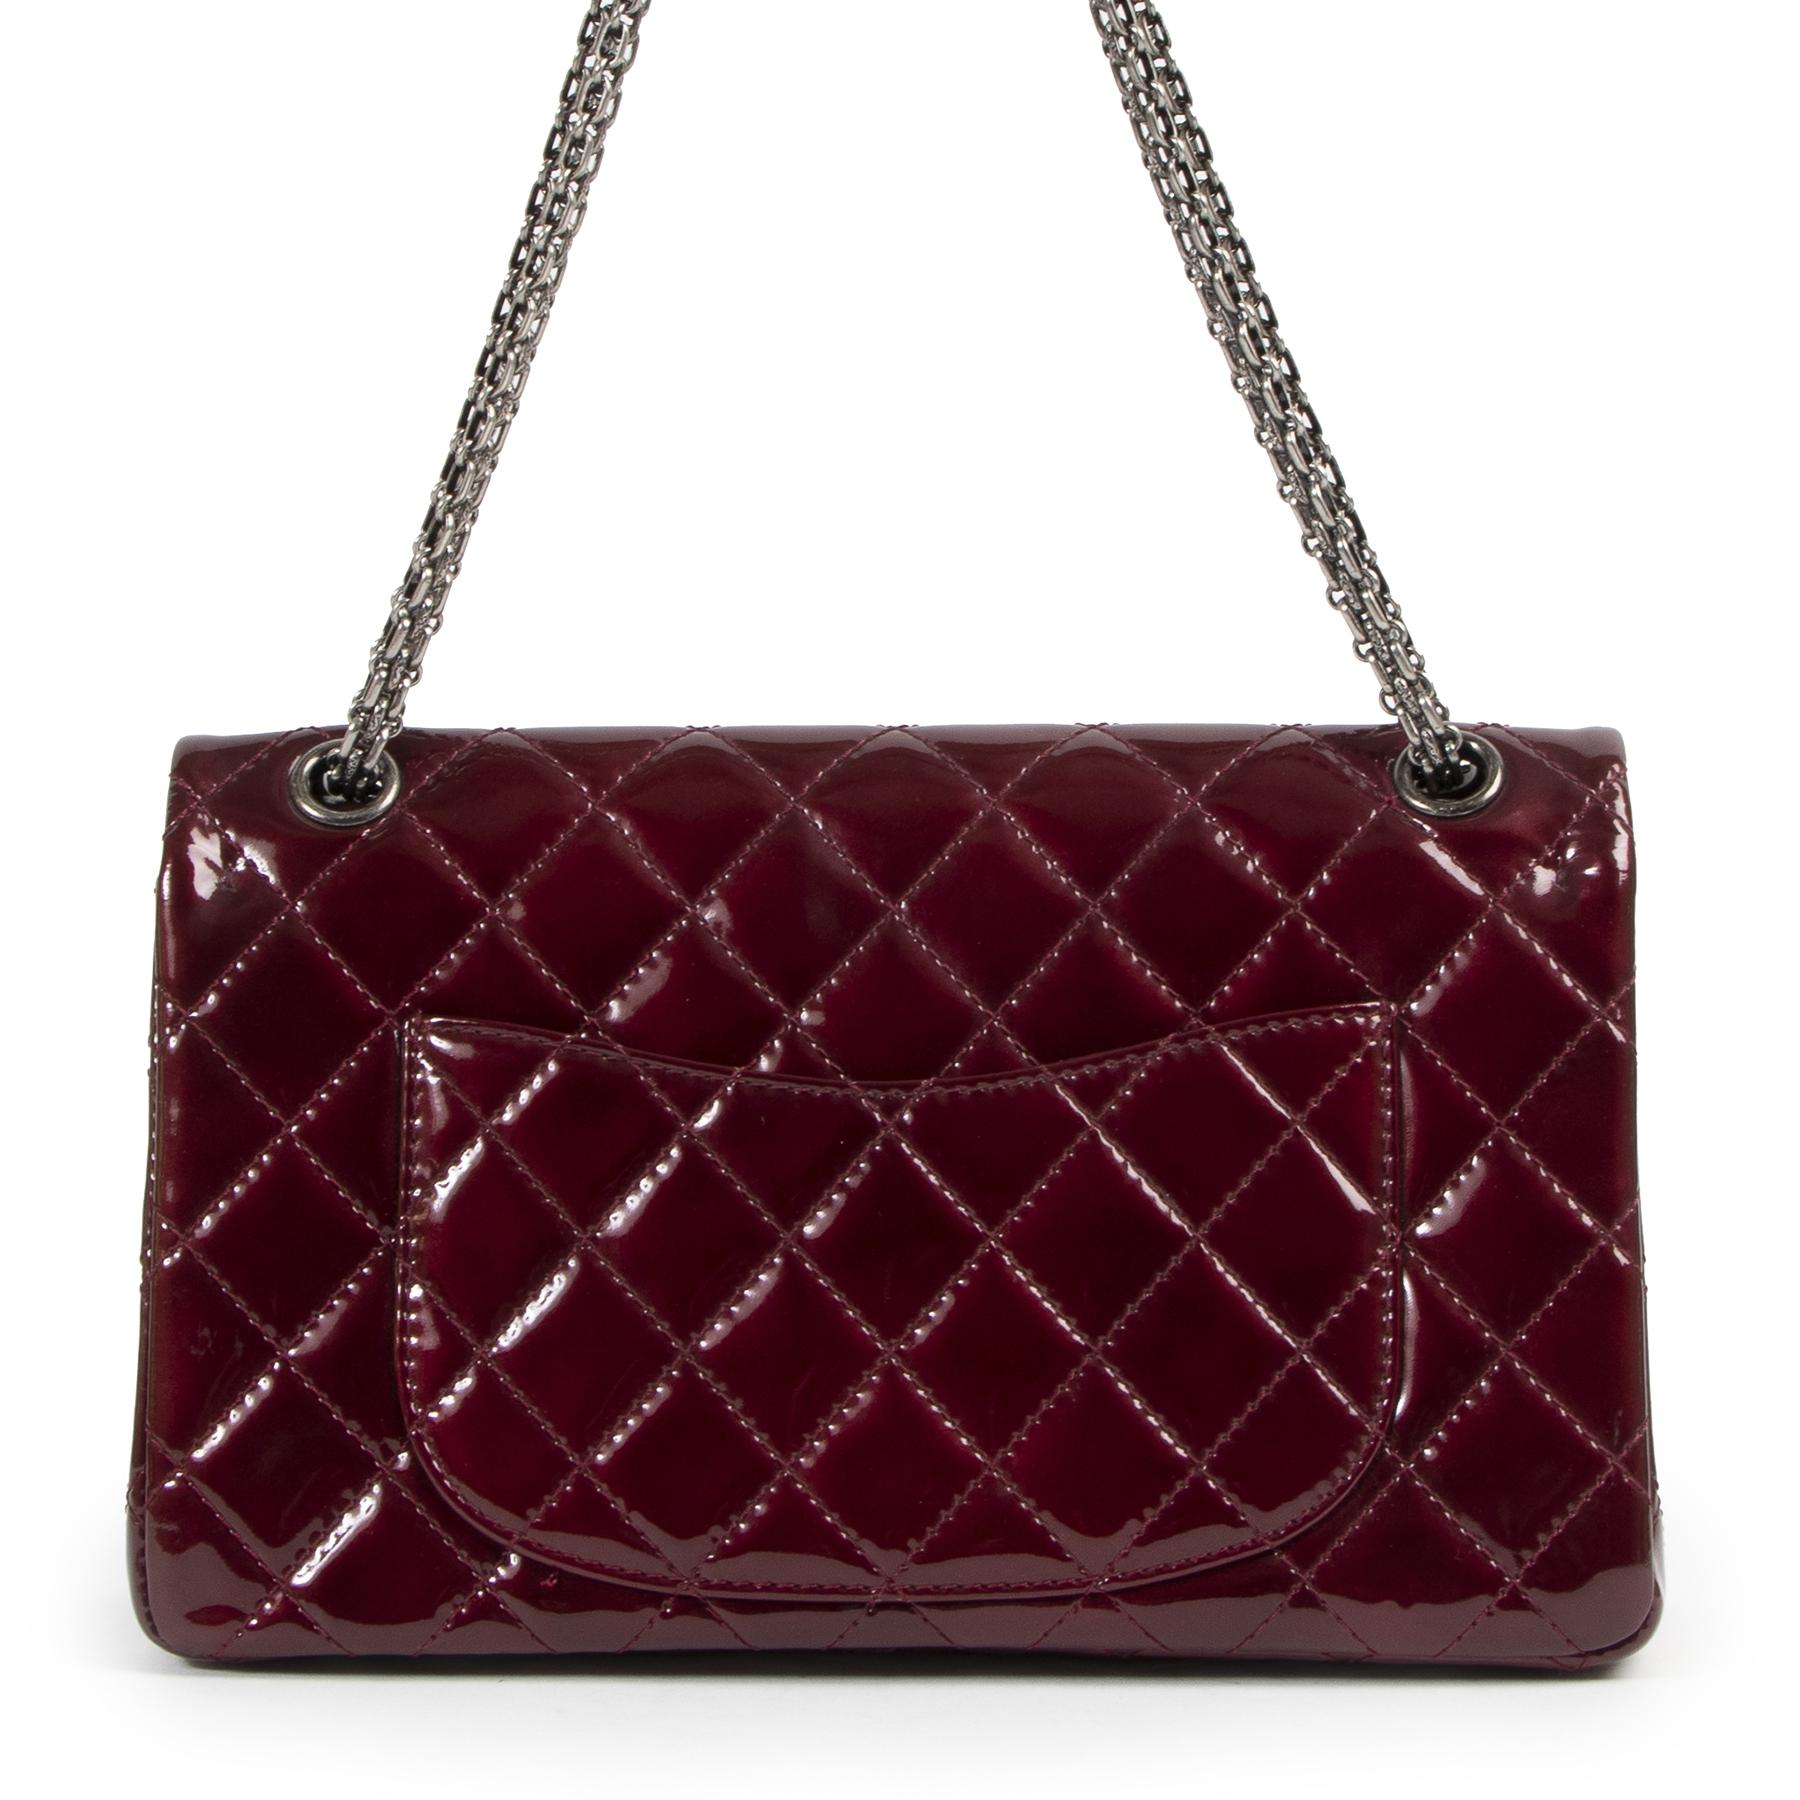 Chanel 2.55 Reissue 226 Patent Burgundy Flap Bag kopen en verkopen aan de beste prijs